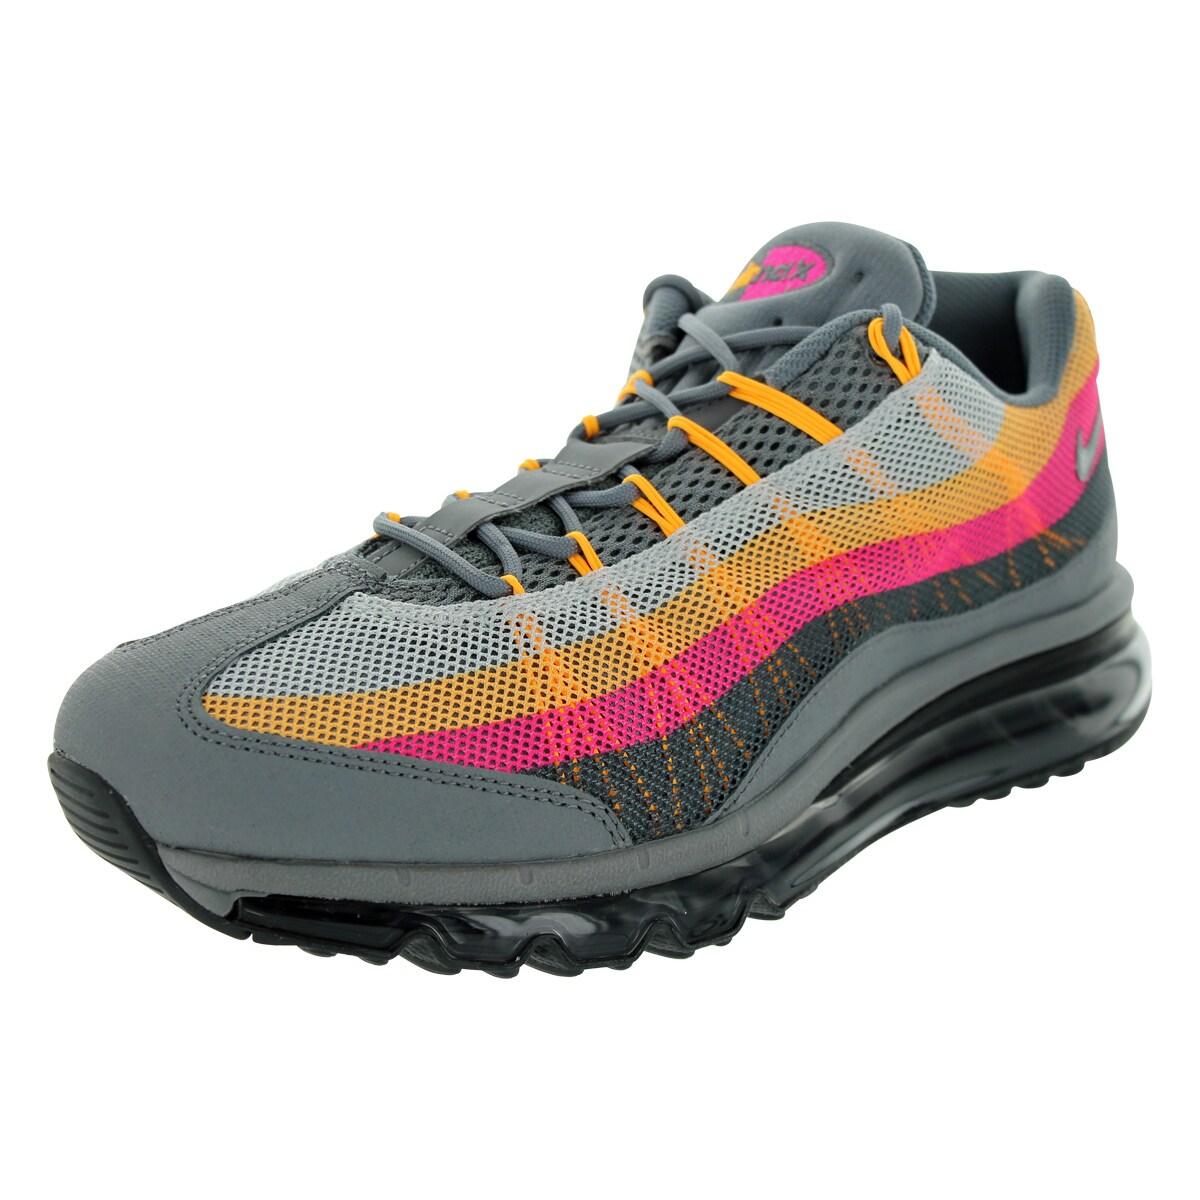 Nike Men's Air Max 95 Grey/Orange/Pink Mesh Running Shoes...